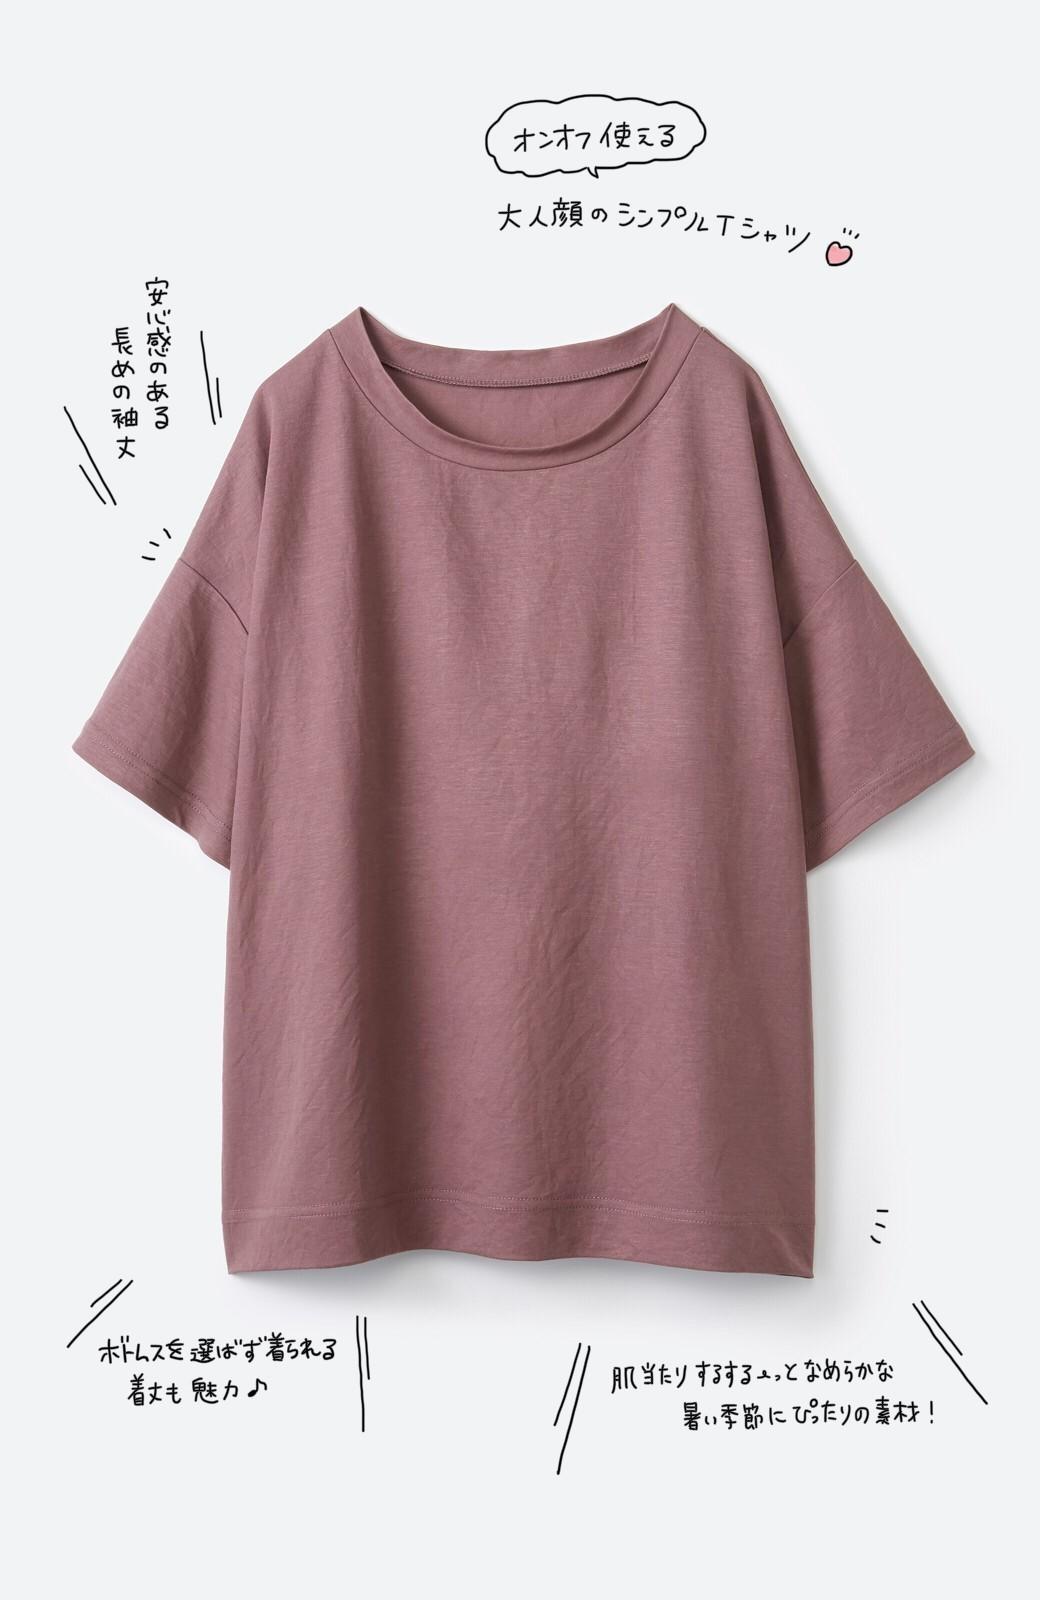 haco! カジュアル&きれいめバランスがちょうどいい!さらりと心地いい大人Tシャツ <スモークピンク>の商品写真3